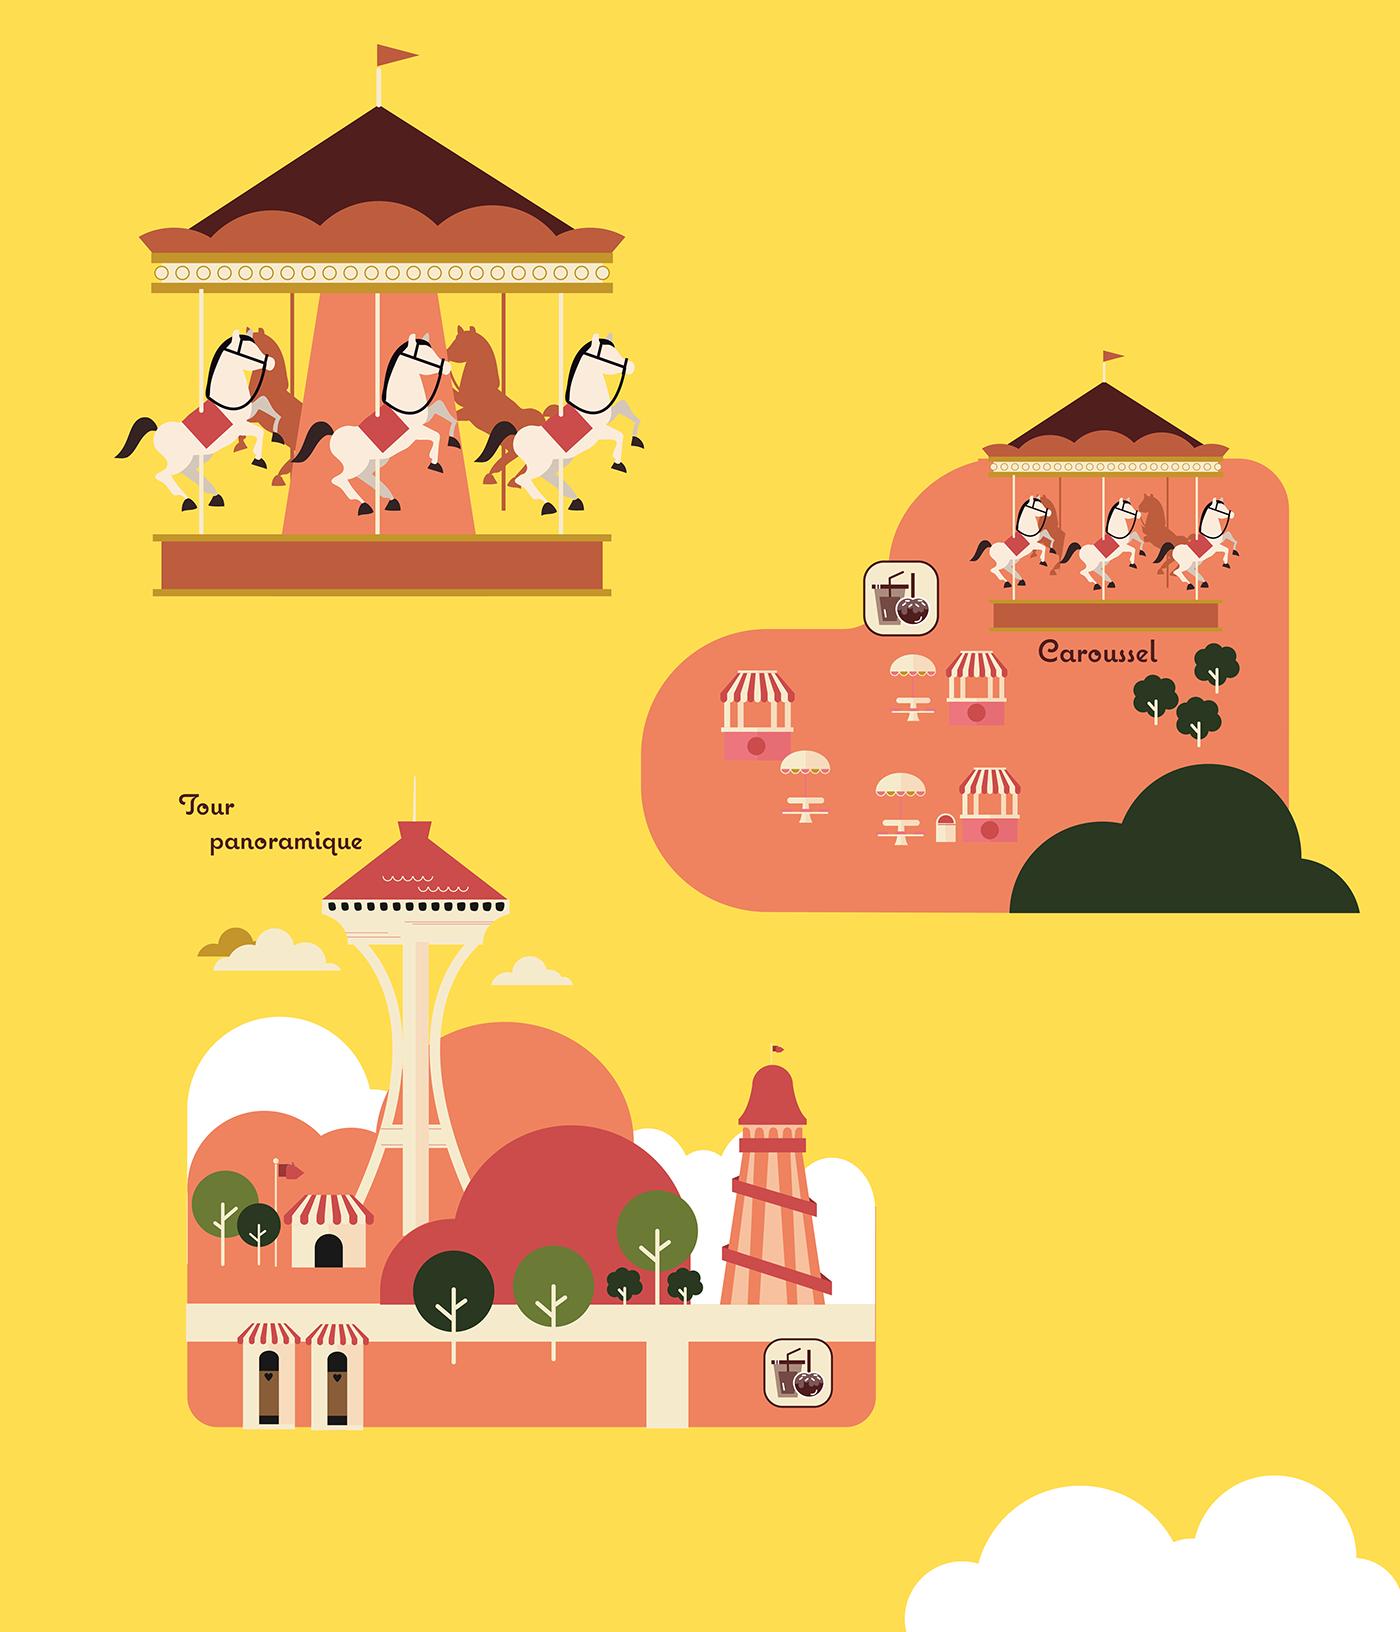 amusement park plan example